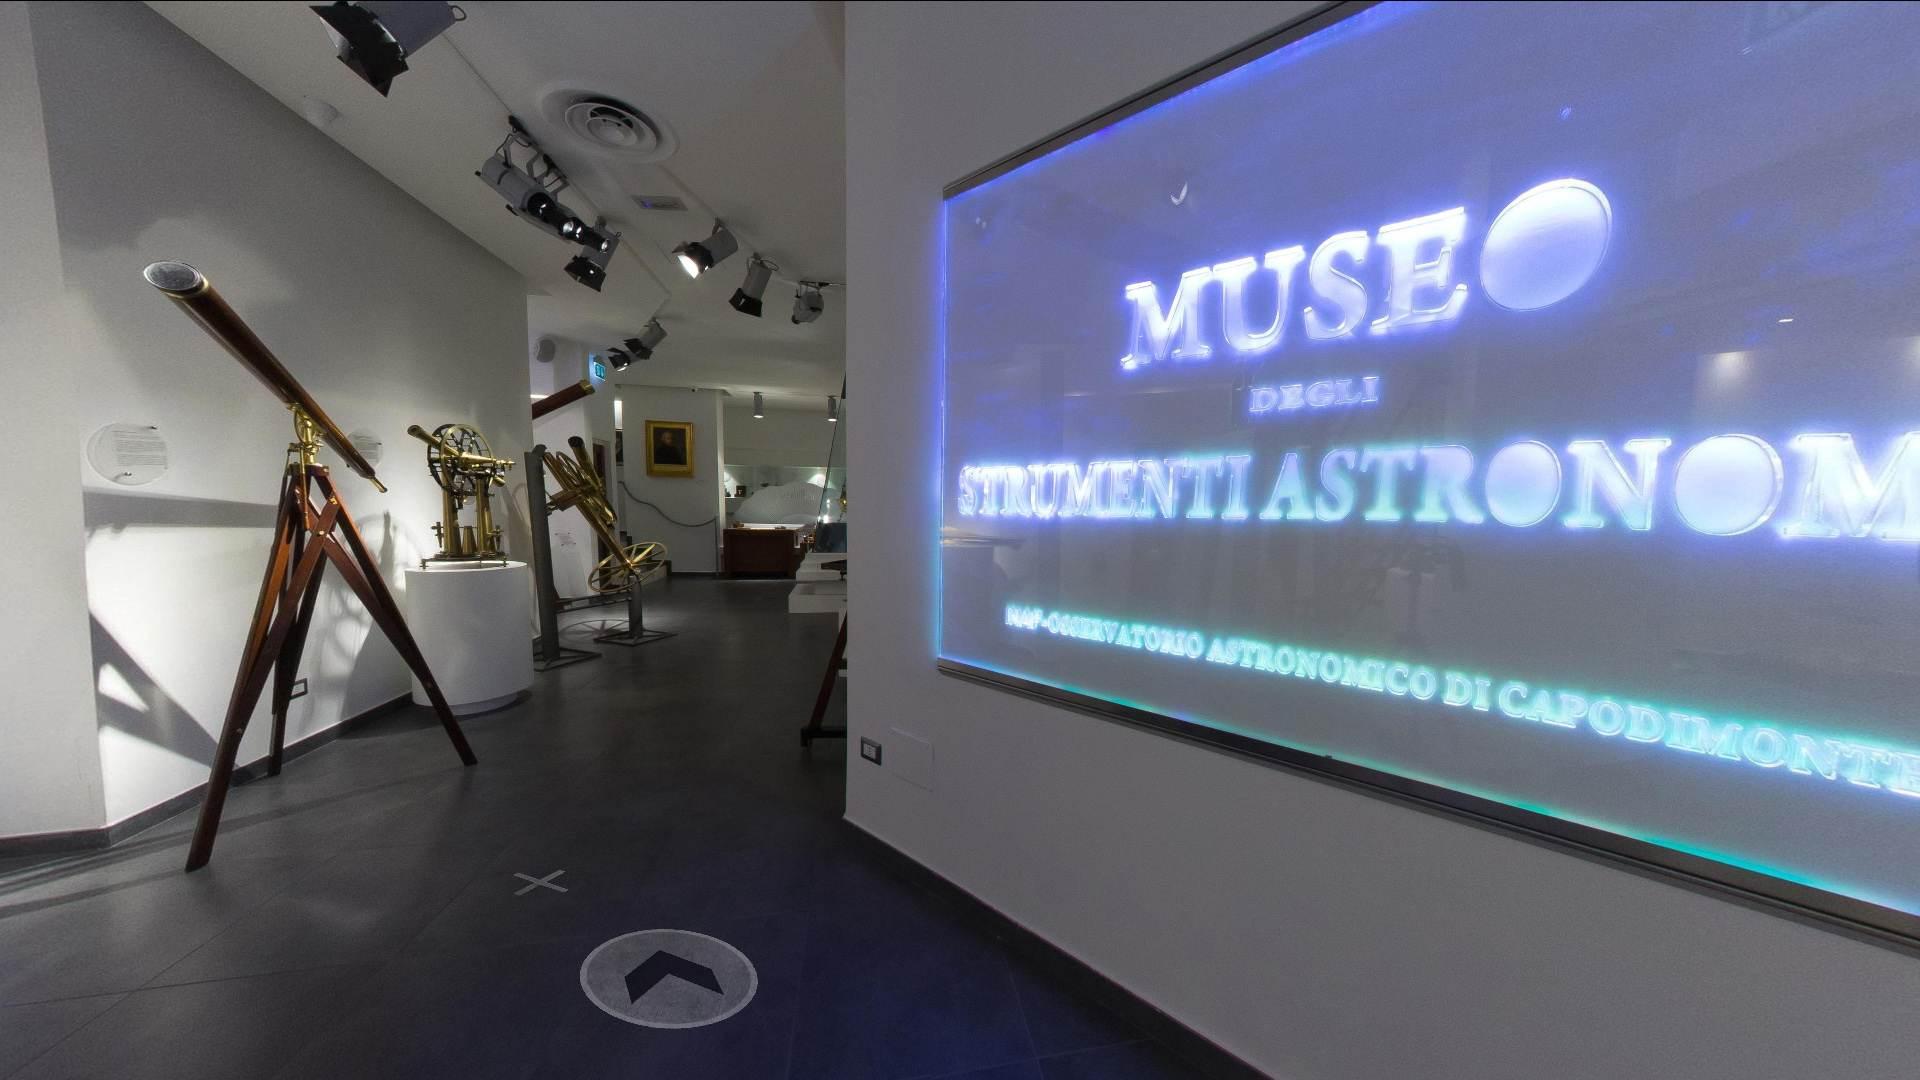 La realtà virtuale entra a Capodimonte